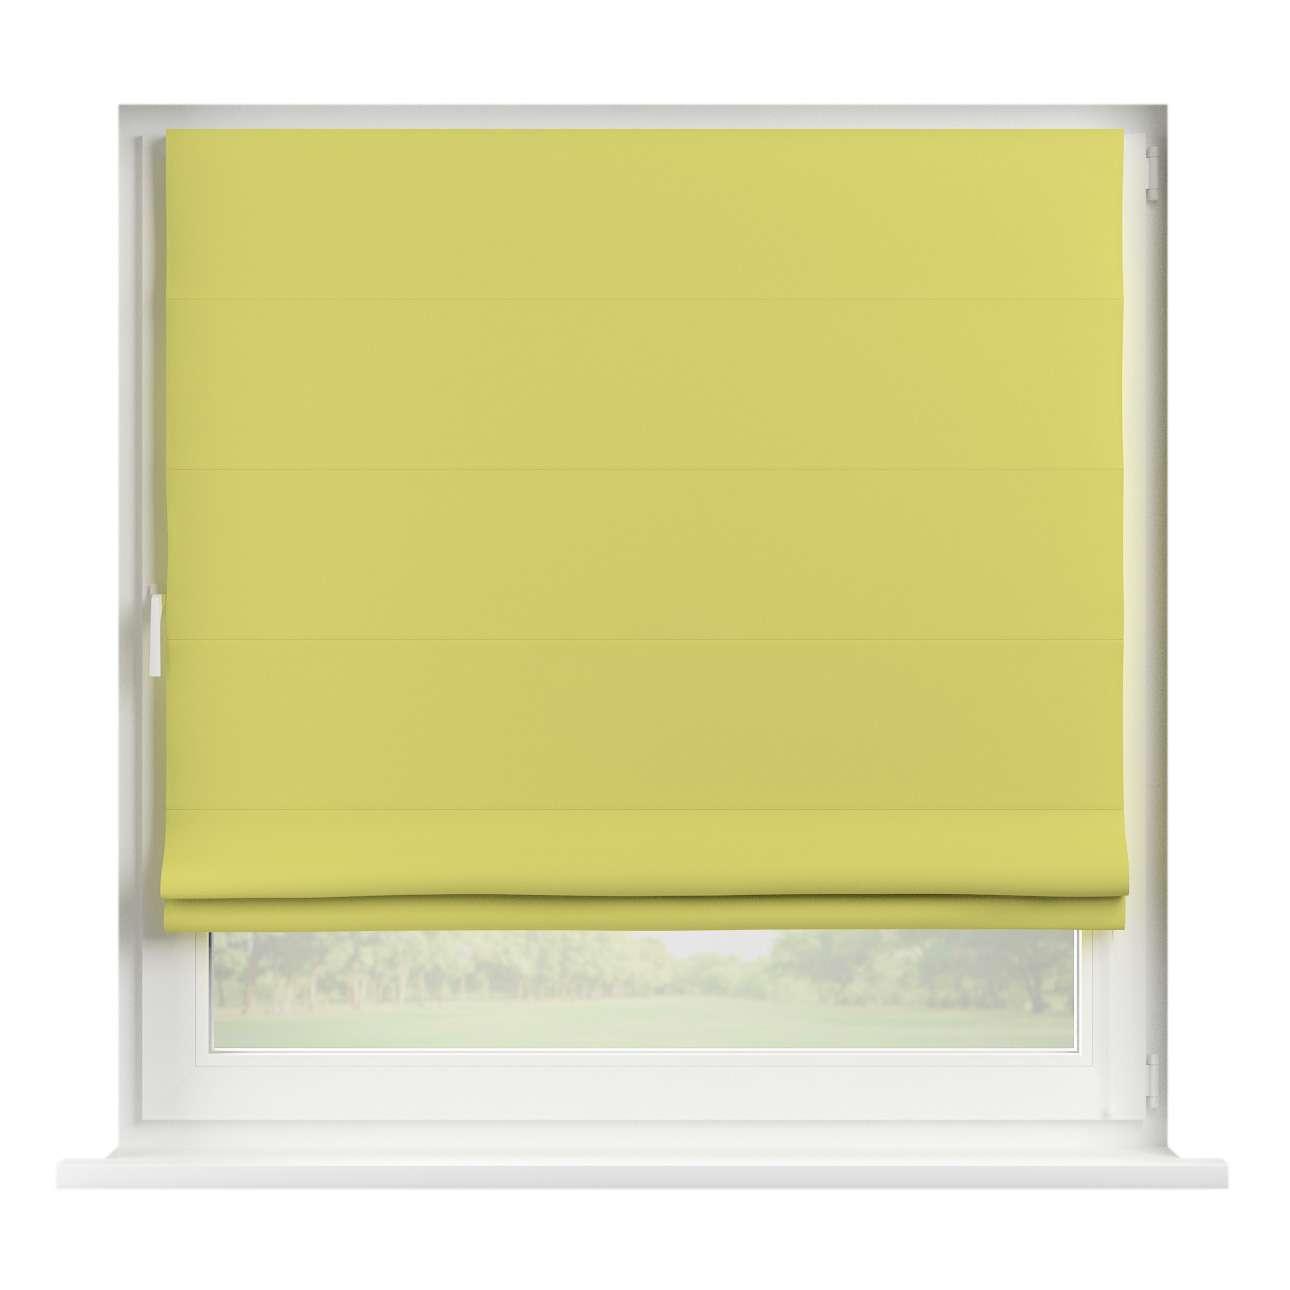 Romanetės nepralaidžios šviesai (Blackout) 80 x 170 cm kolekcijoje Blackout, audinys: 269-17